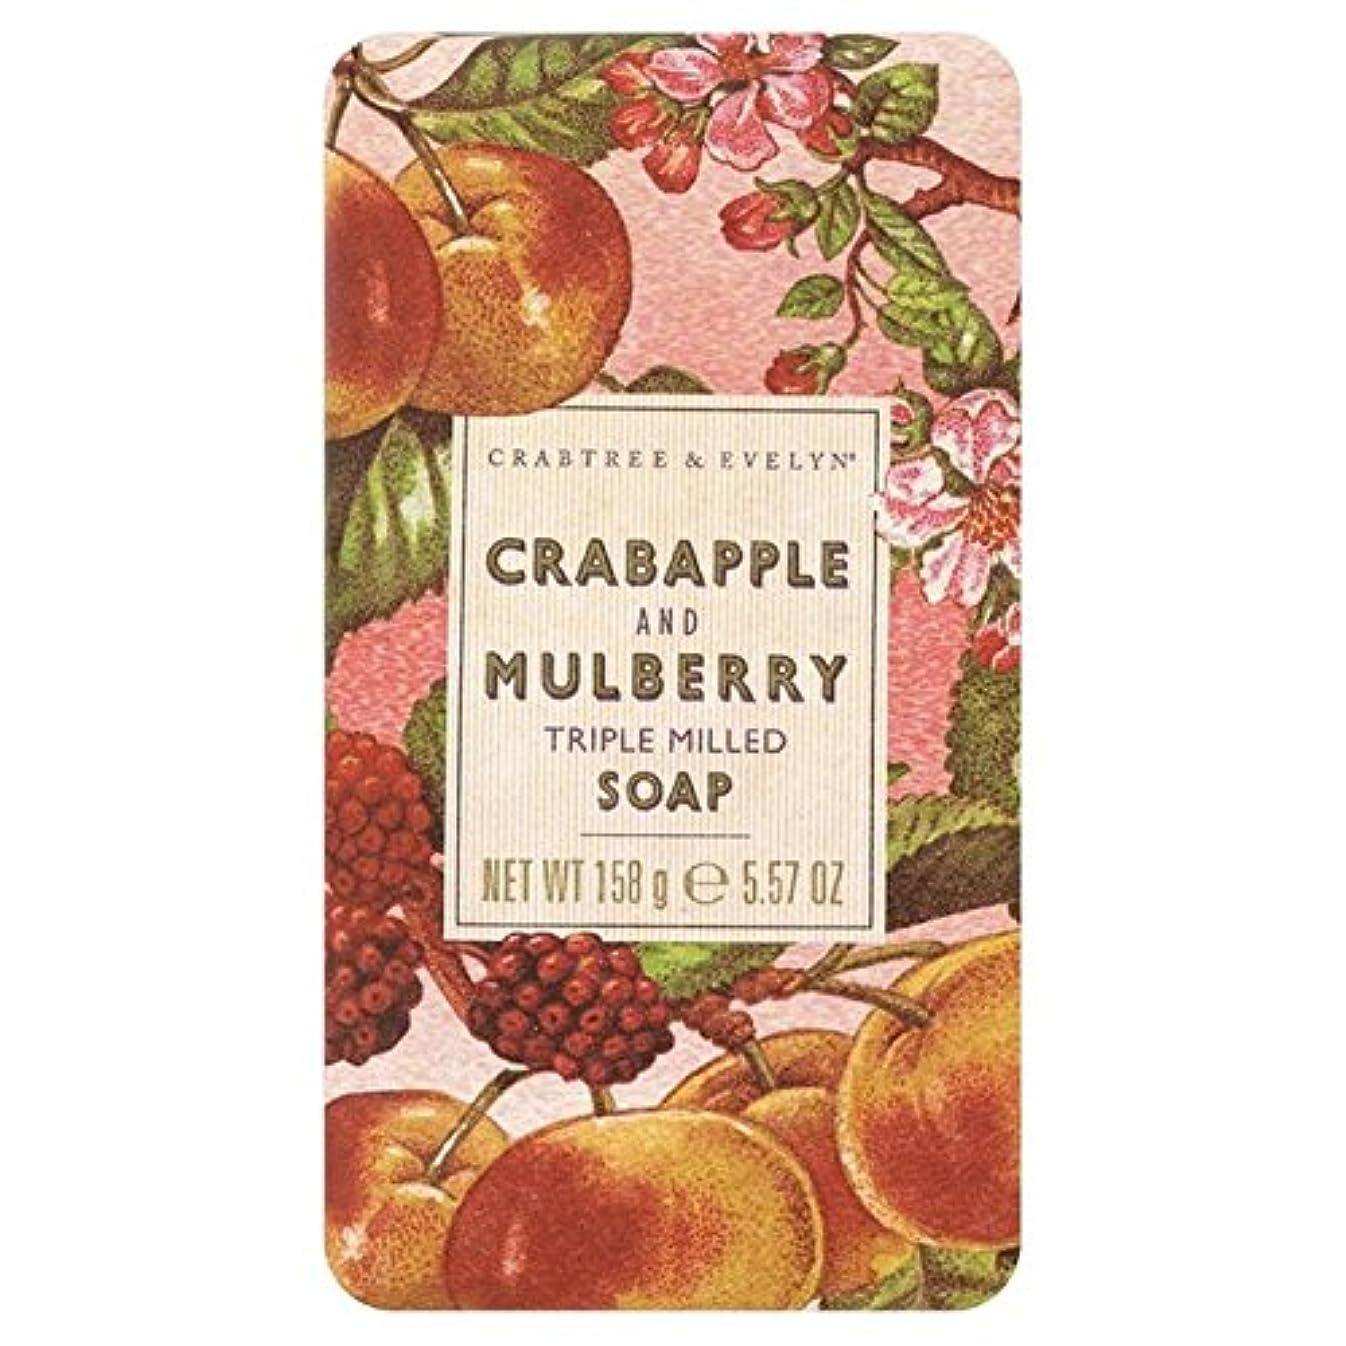 インポートシーボード正義クラブツリー&イヴリンと桑遺産石鹸150グラム x2 - Crabtree & Evelyn Crabapple and Mulberry Heritage Soap 150g (Pack of 2) [並行輸入品]